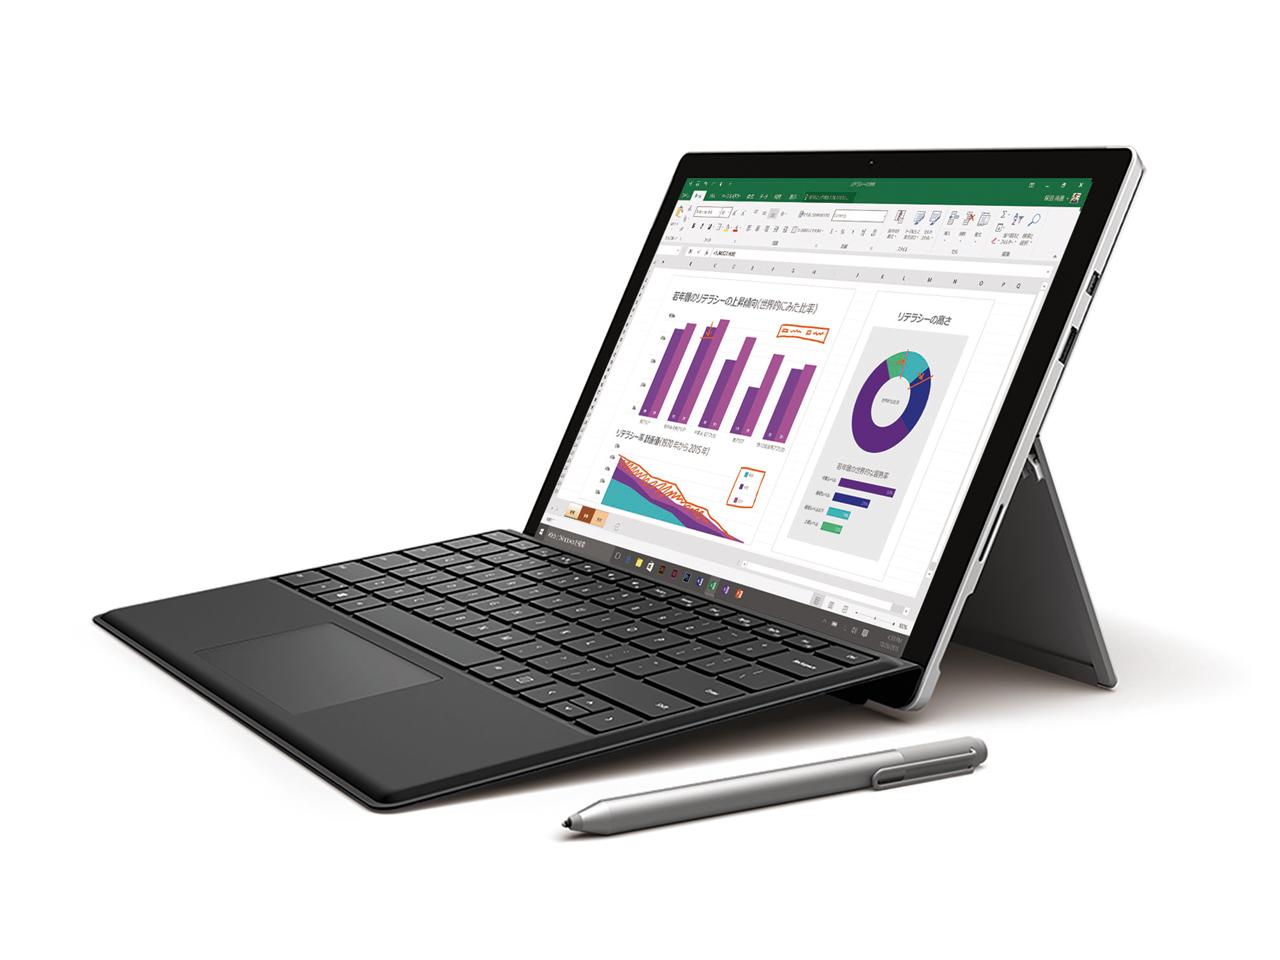 『本体 斜め』 Surface Pro 4 TH2-00014 の製品画像